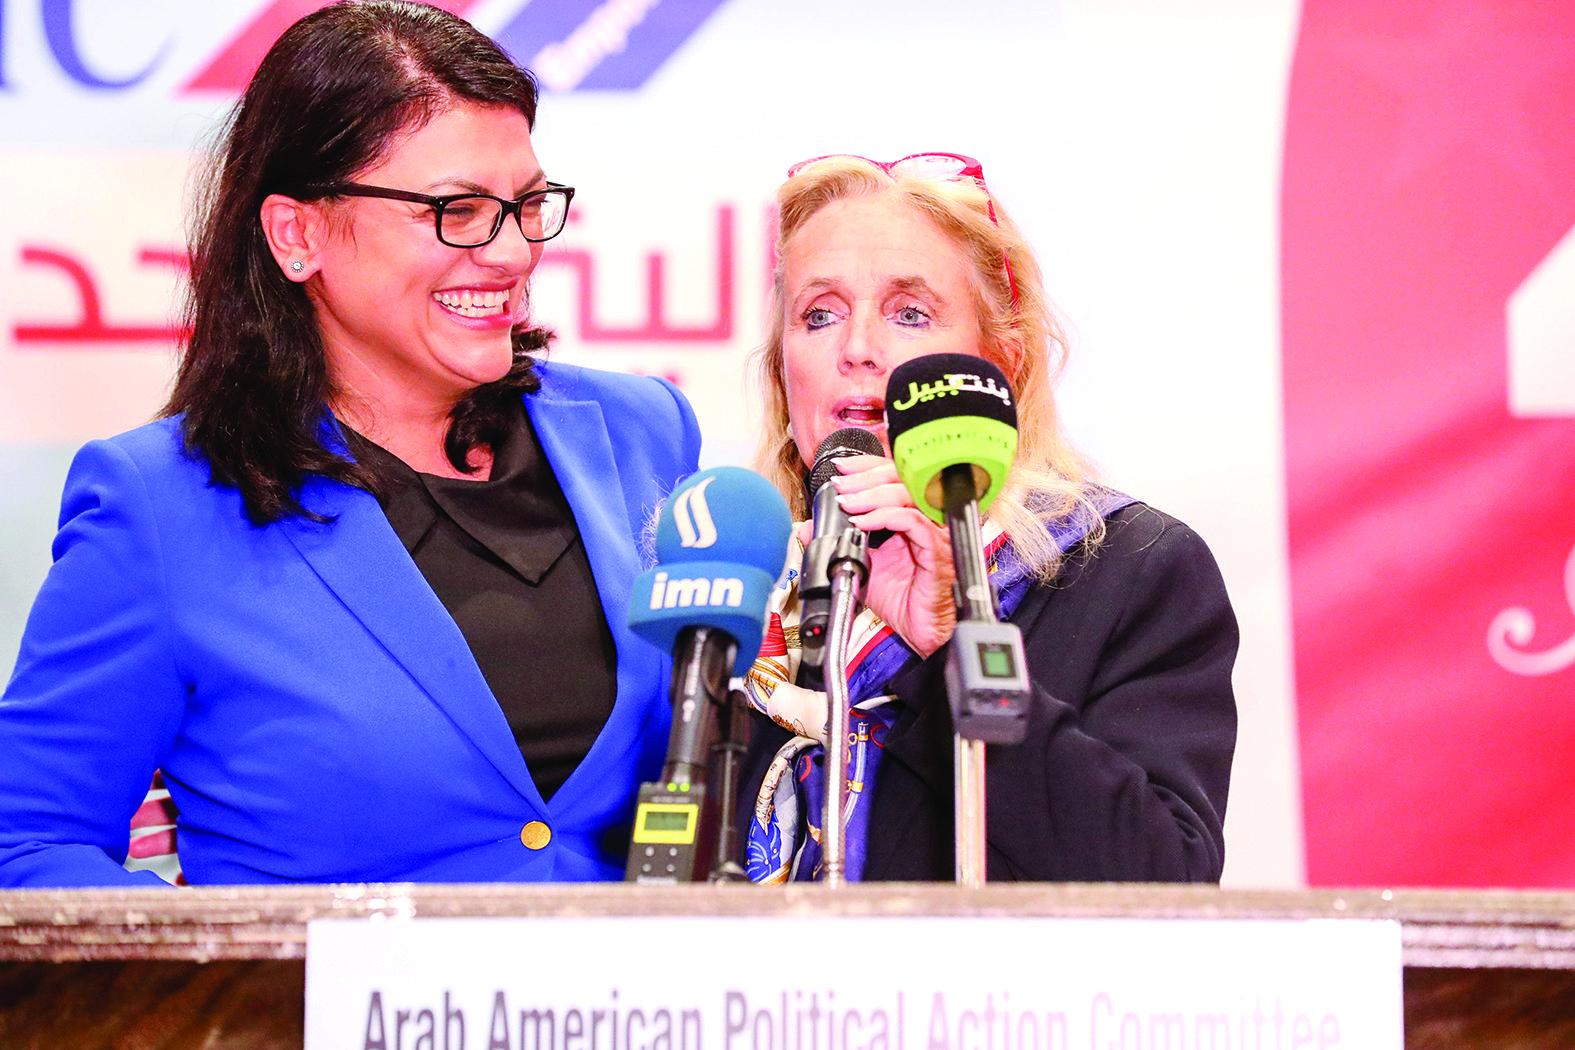 النائبة الأميركية ديبي دينغل مع المرشحة لمجلس النواب الأميركي رشيدة طليب